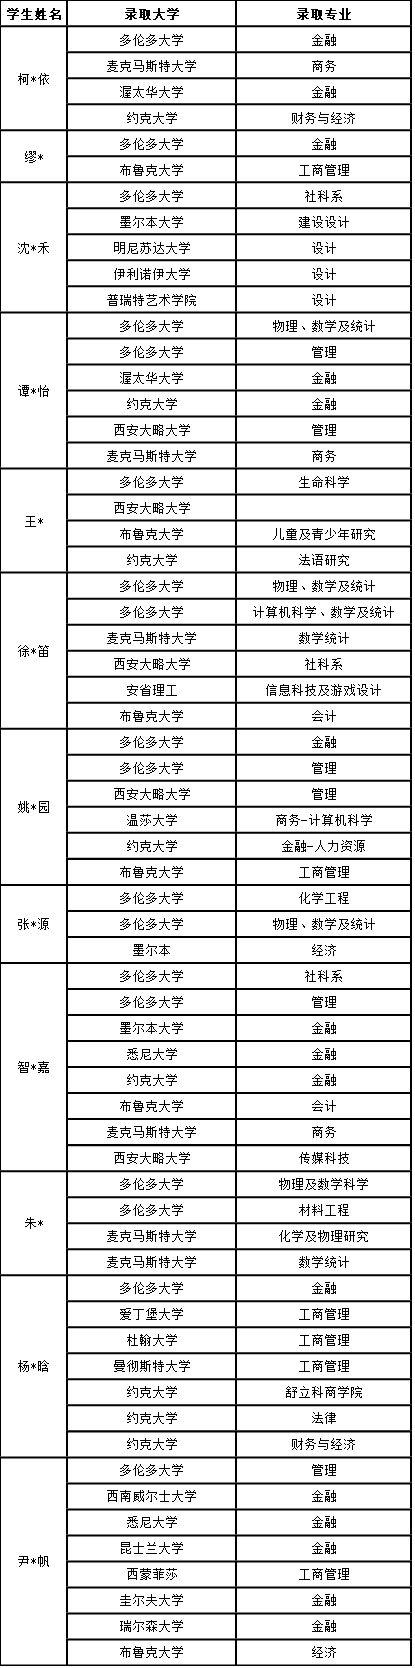 2019南师大苏州实验学校高中国际部中加班offer情况插图